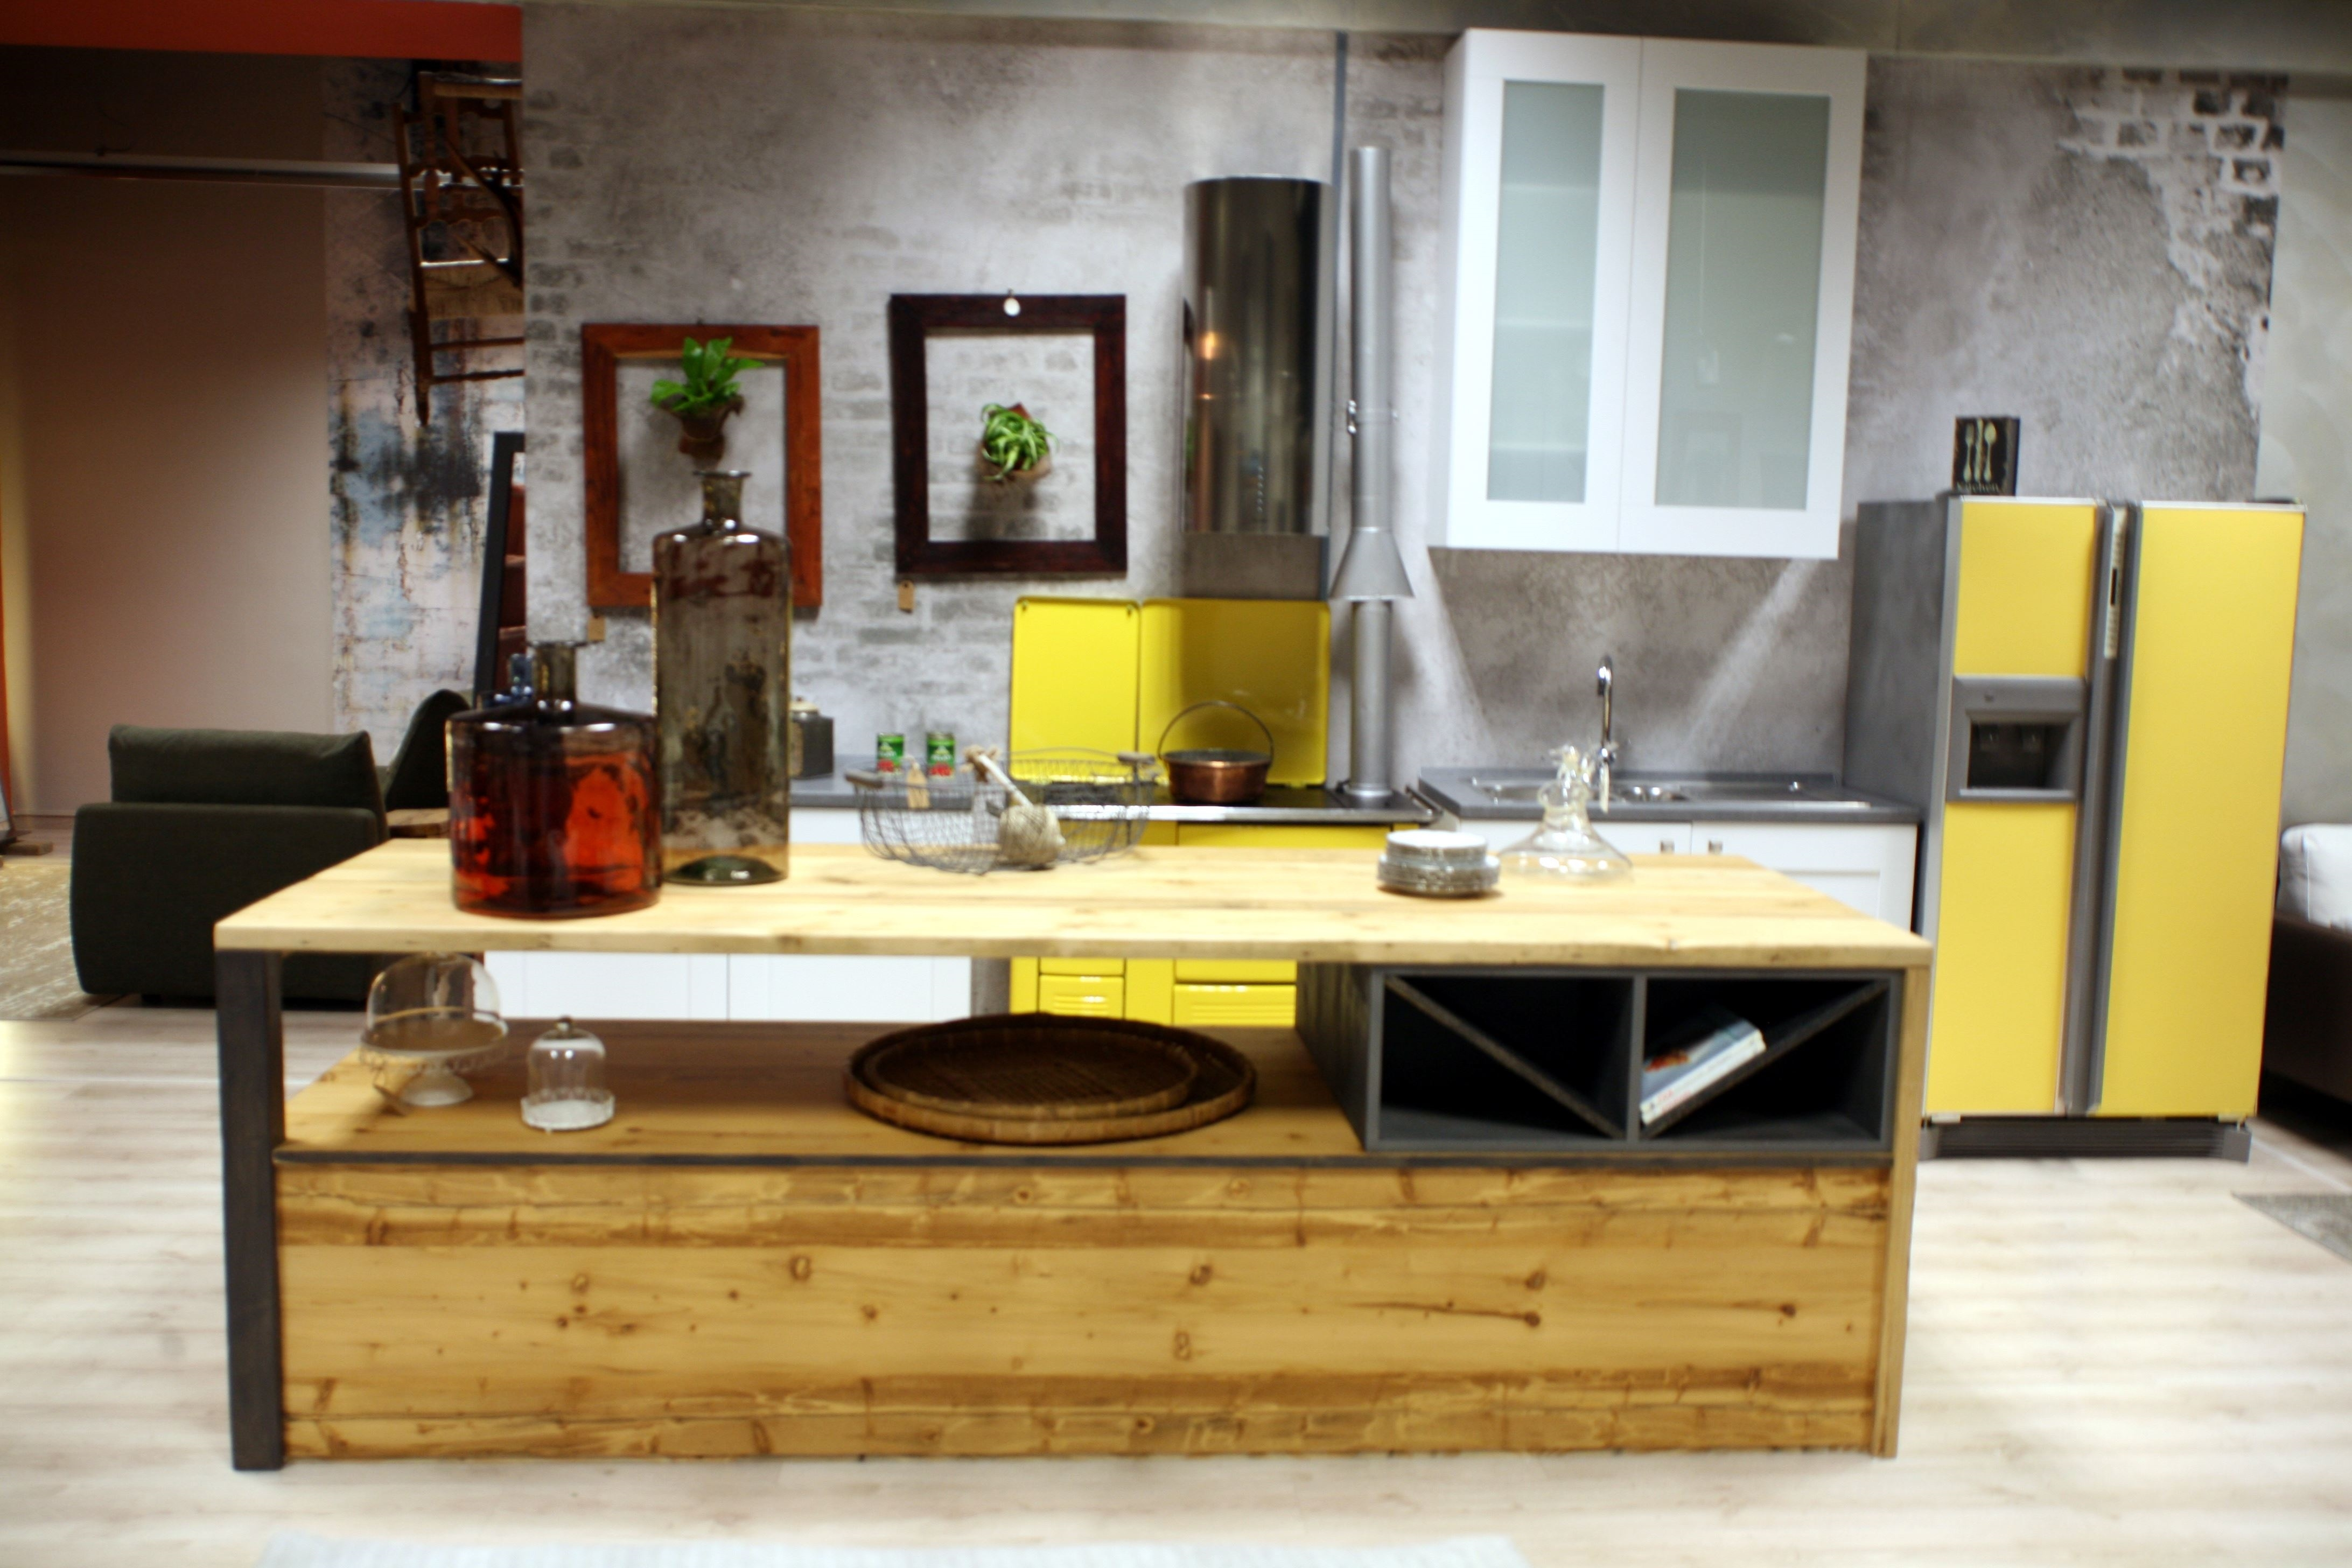 Offerta Cucina Lube Mod. Gallery in Frassino Bianco con Isola Stile Industria...